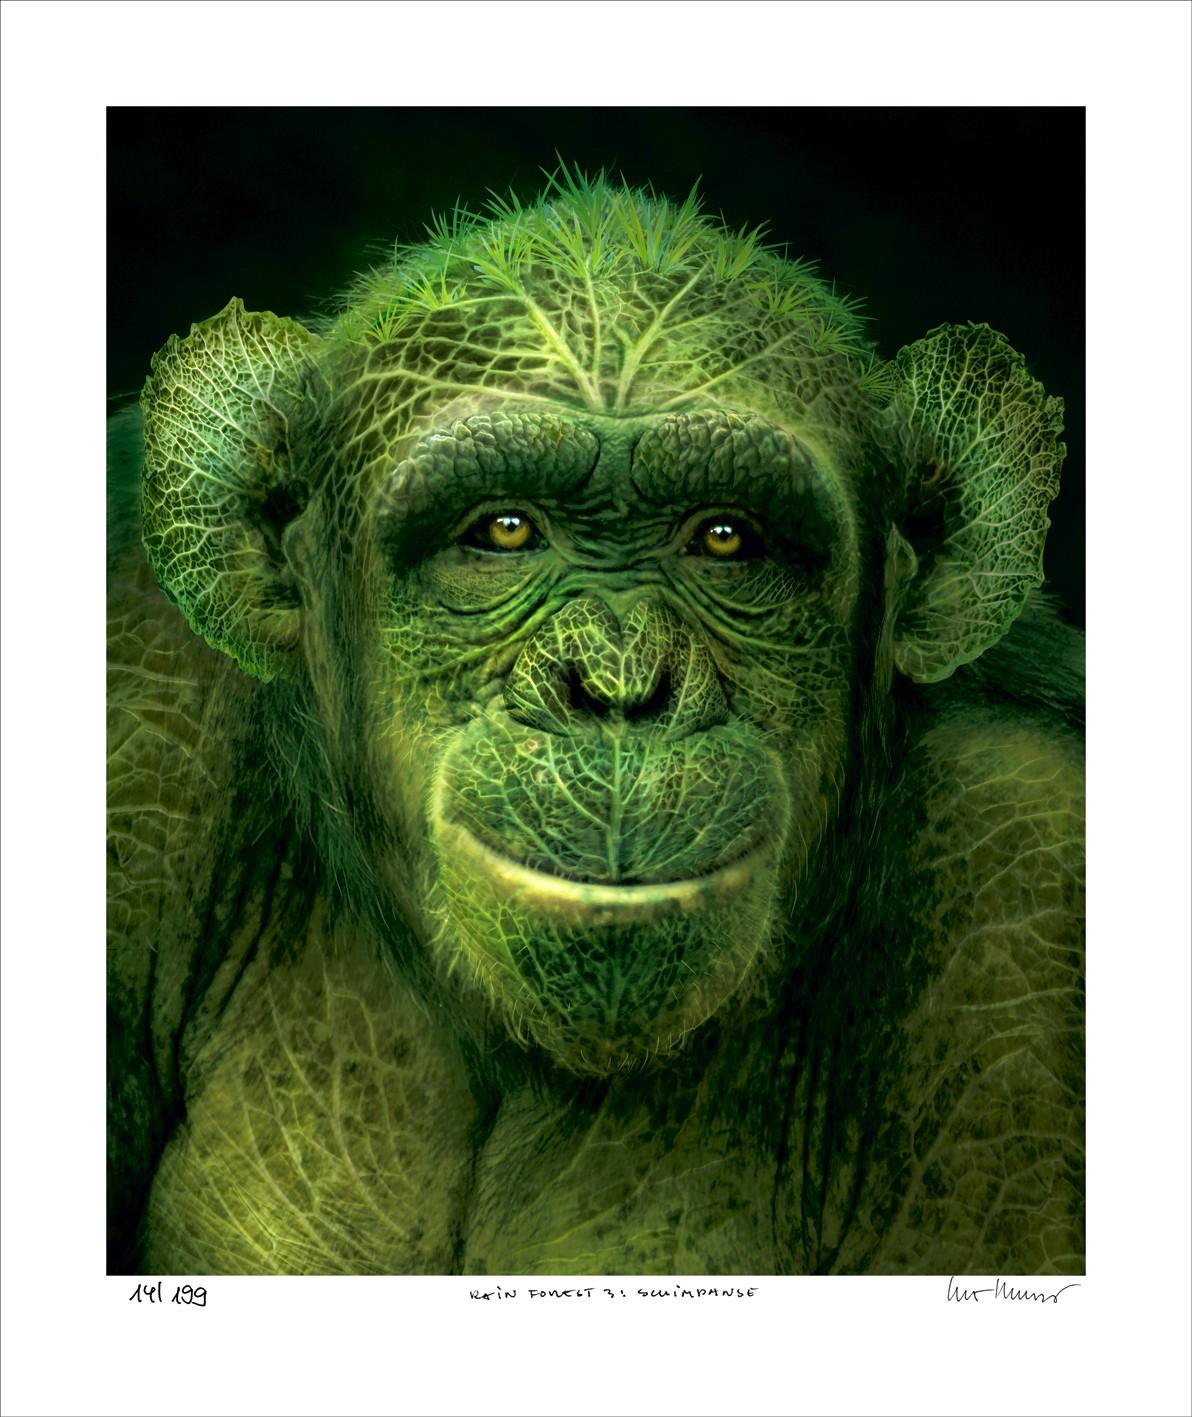 """Igor Morski: """"Rain Forest 1: Schimpanse"""", ungerahmtes Blatt, nummeriert, betitelt und handsigniert"""